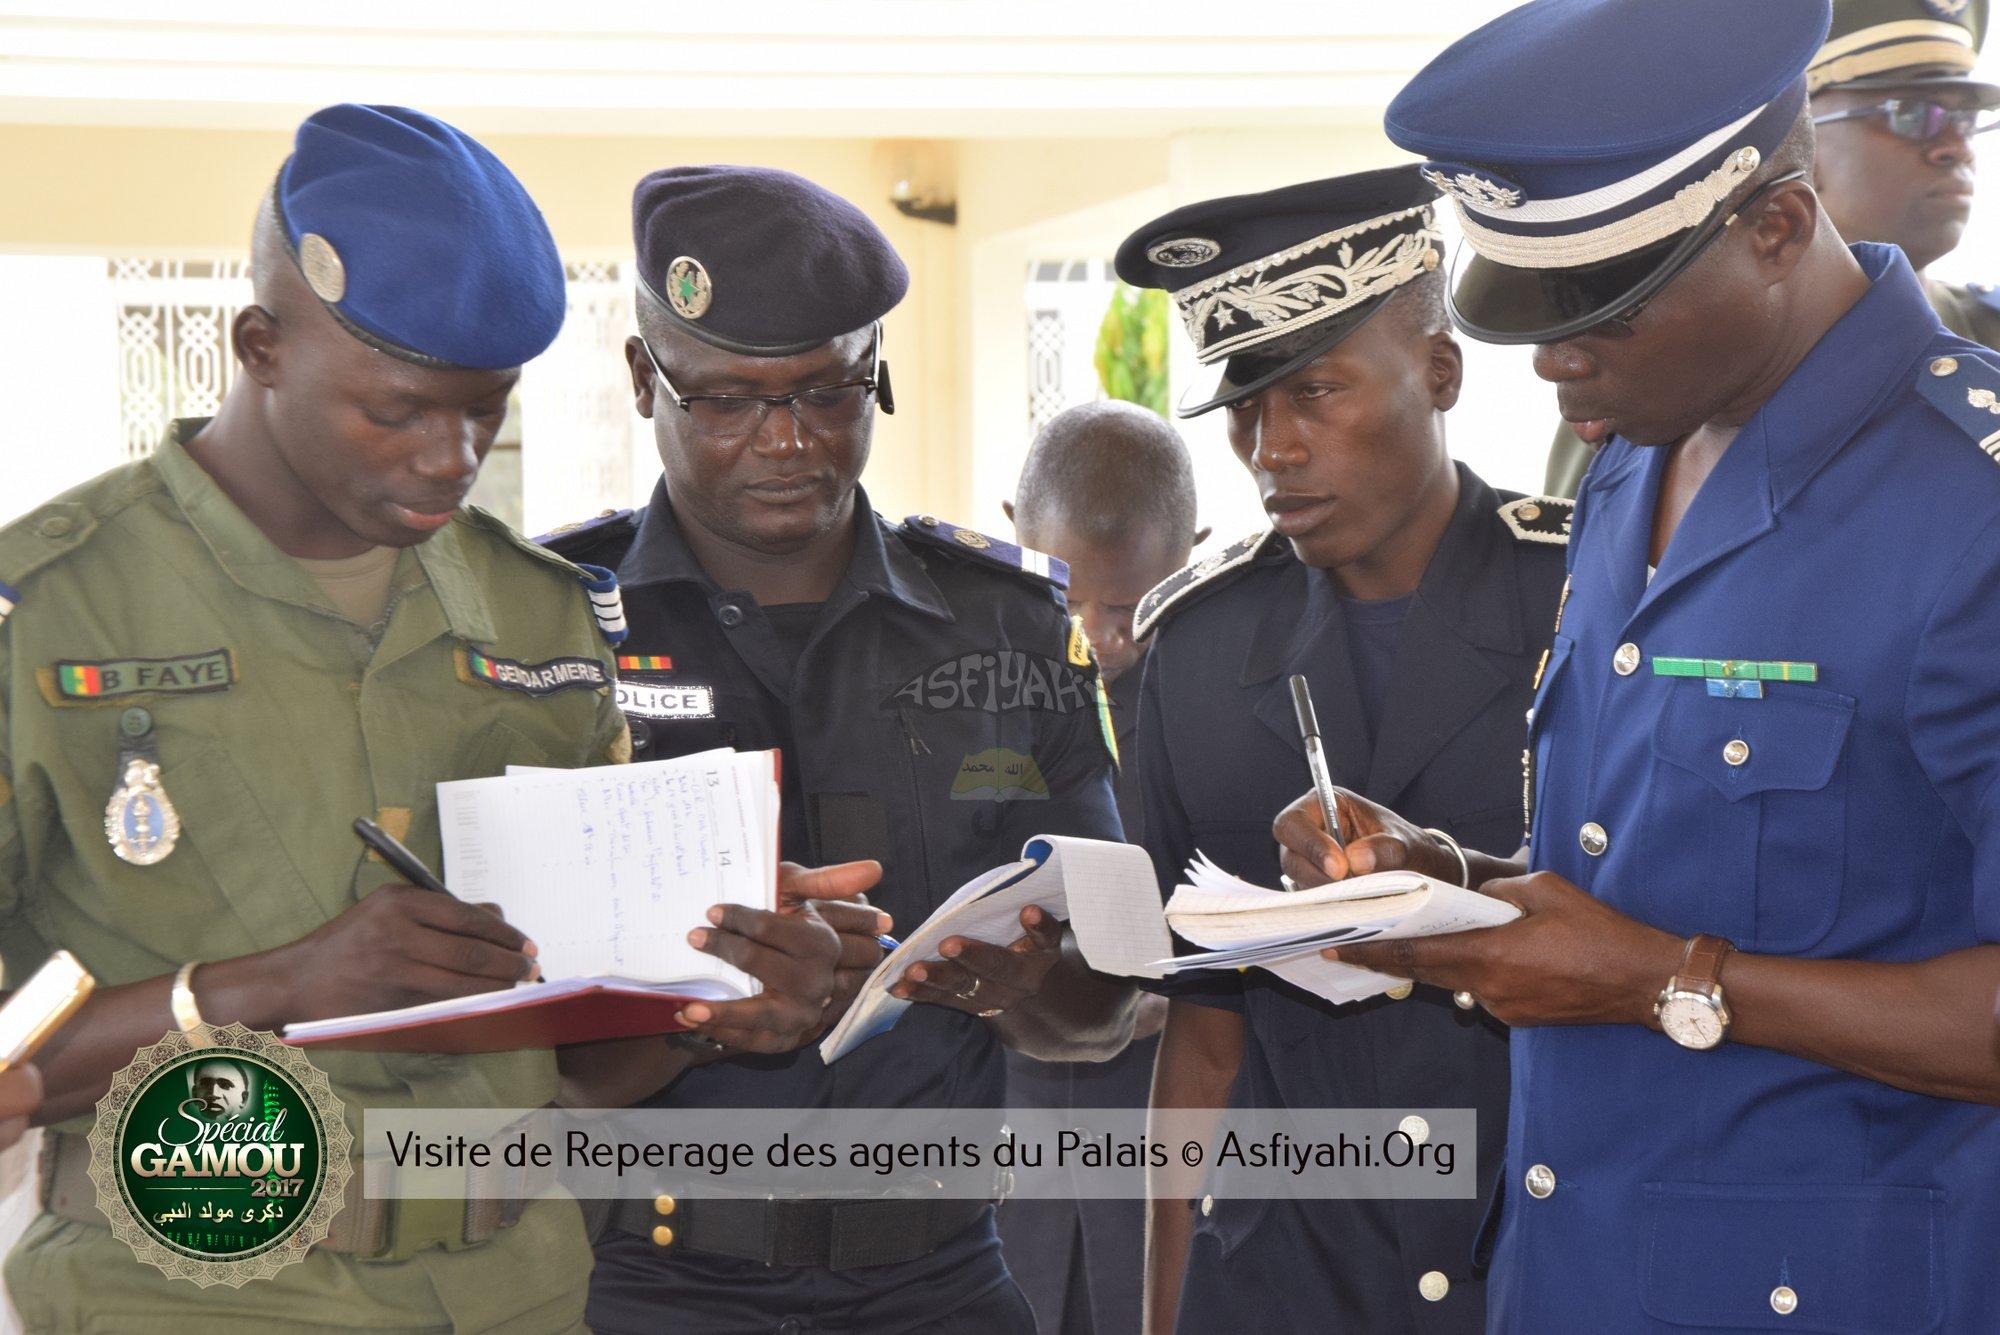 VIDEO & PHOTOS - Accueil du President Macky Sall à Tivaouane ce Mercredi 22 Novembre - Suivez l'appel du Khalif General des Tidianes Serigne Mbaye Sy Mansour